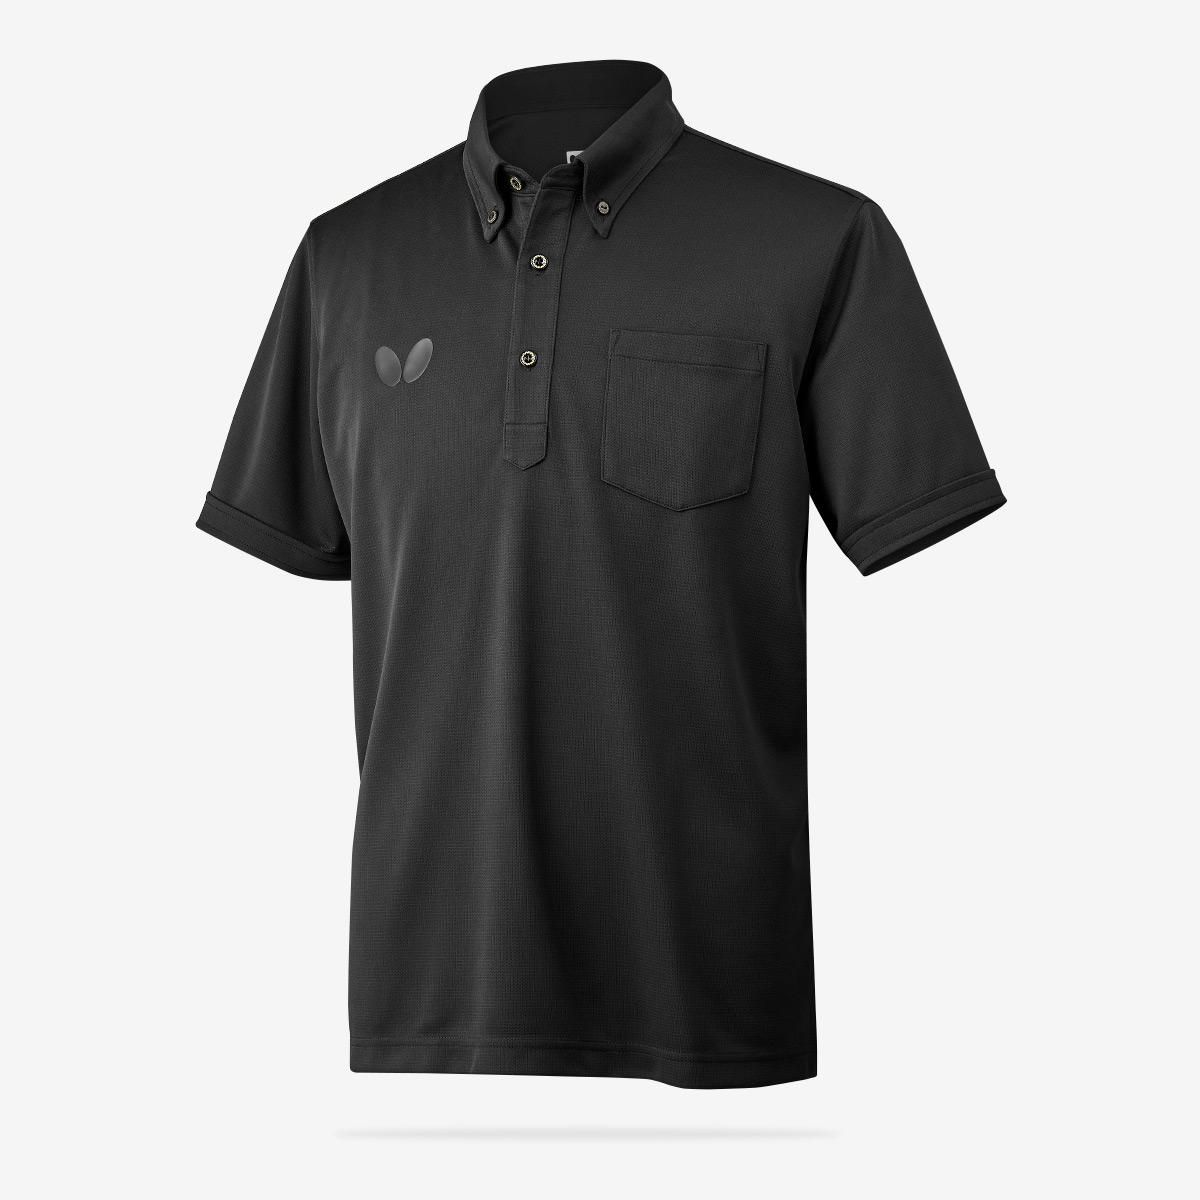 [予約販売]BO・ポロシャツ